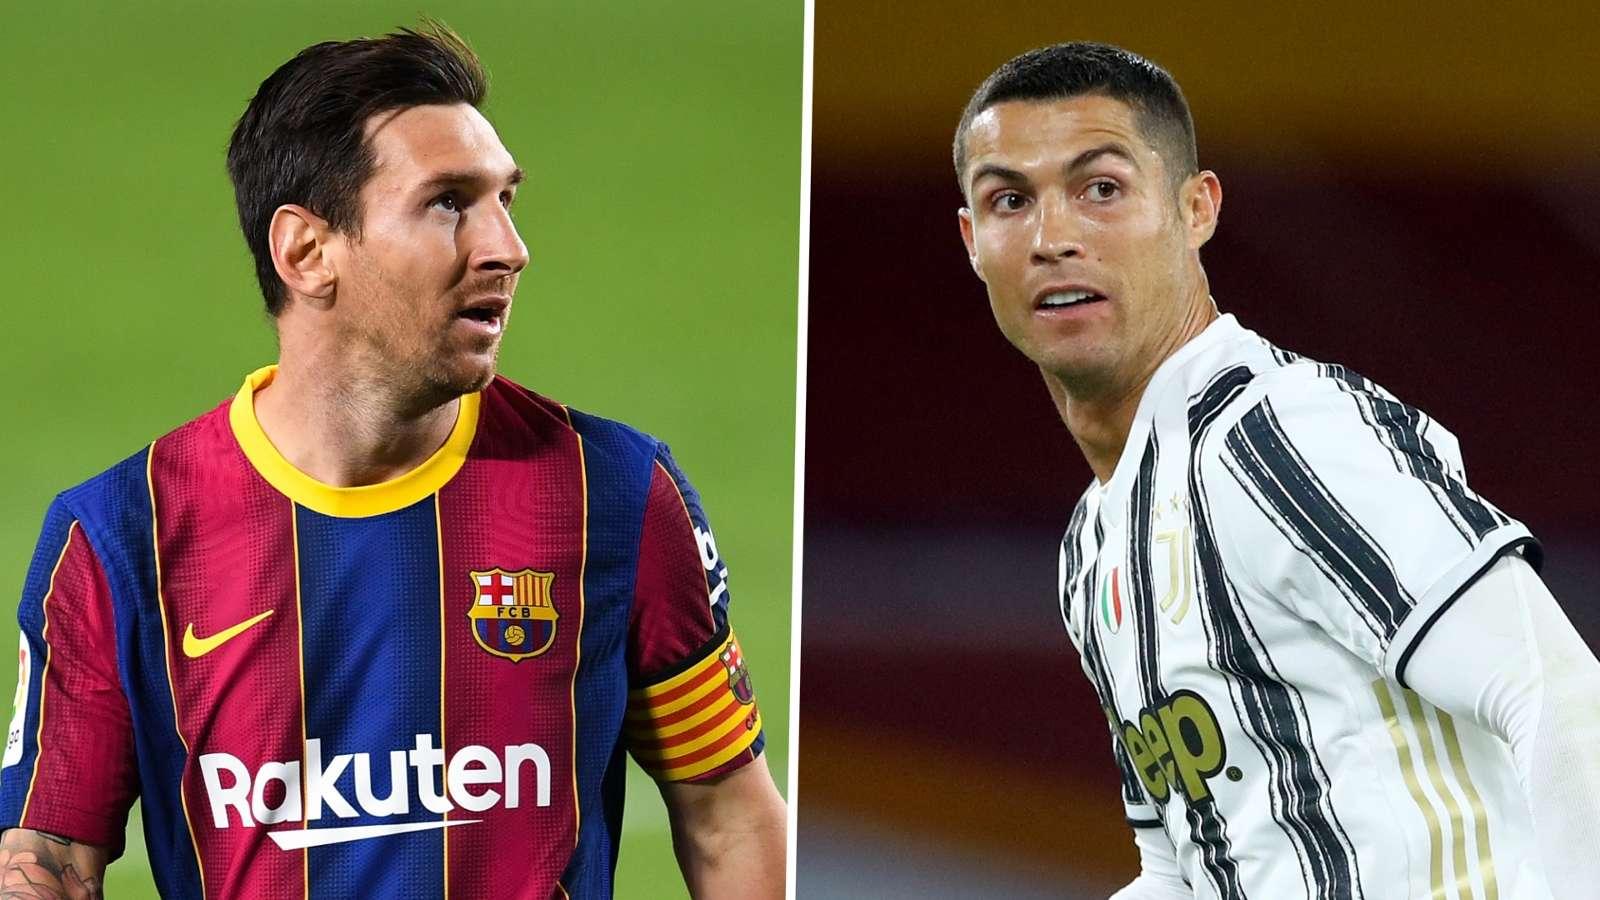 Ai sẽ là vua phá lưới mọi thời đại tại Champions League - Ronaldo hay Messi?